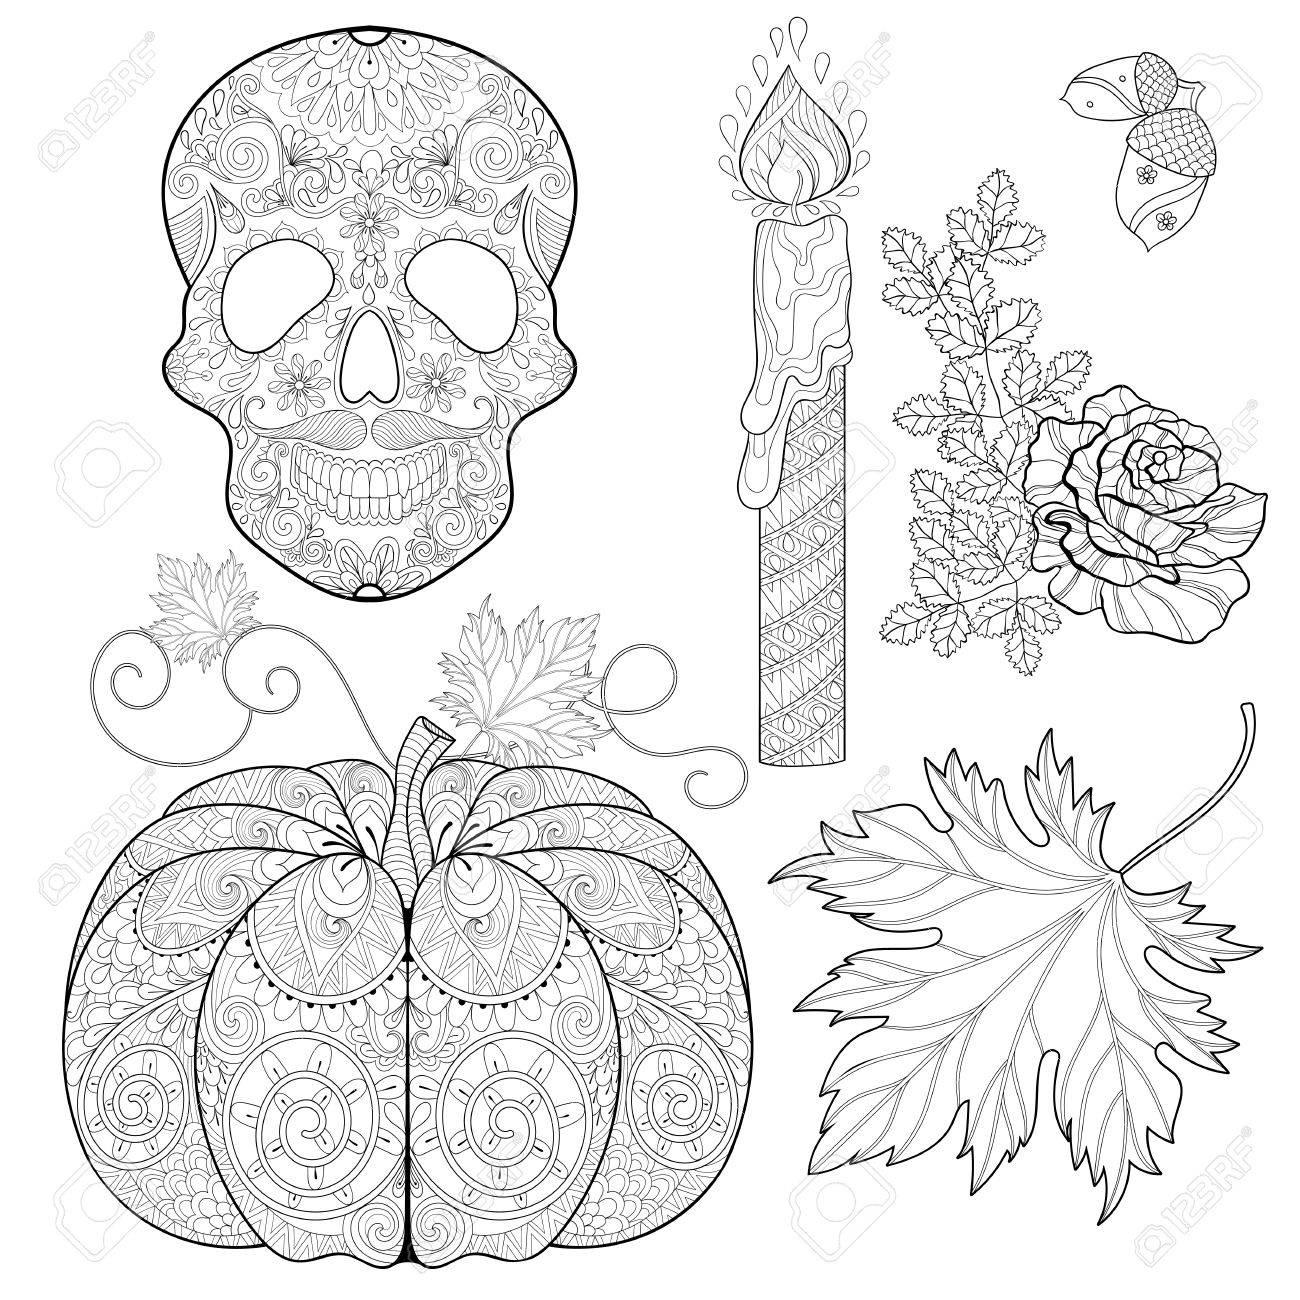 Estilizada Cráneo, Vela, Rosa, Bellota De Roble, Calabaza, Hojas De ...